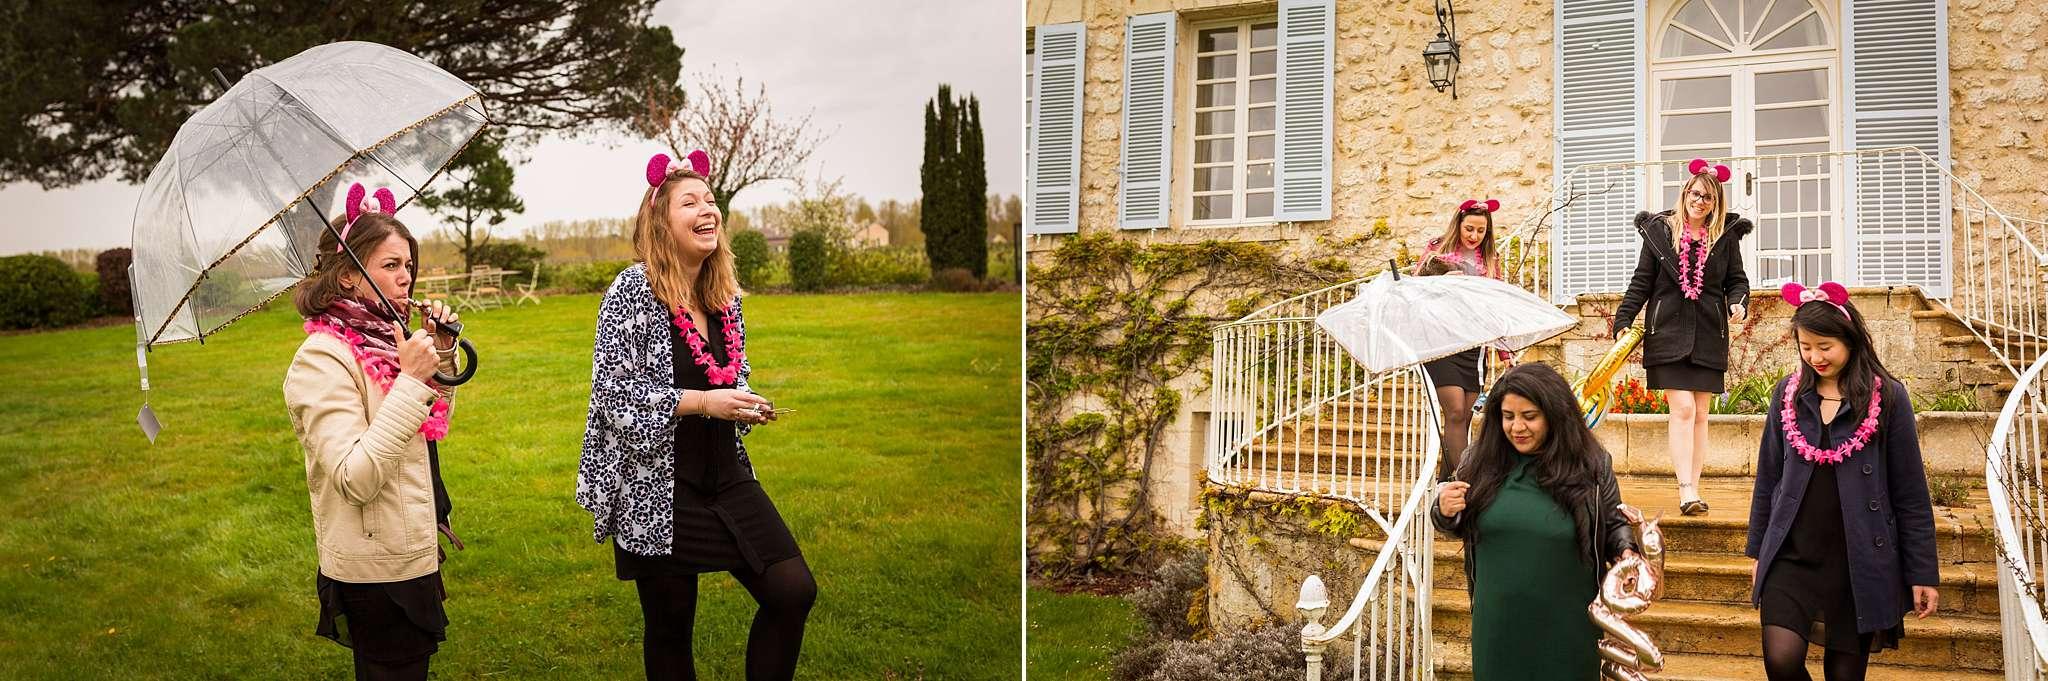 Séance EVJF d'EVA au Château de Camensac, pour des photos originales et funs ! Alexandre Roschewitz, Photographe mariage au Château de Camensac.